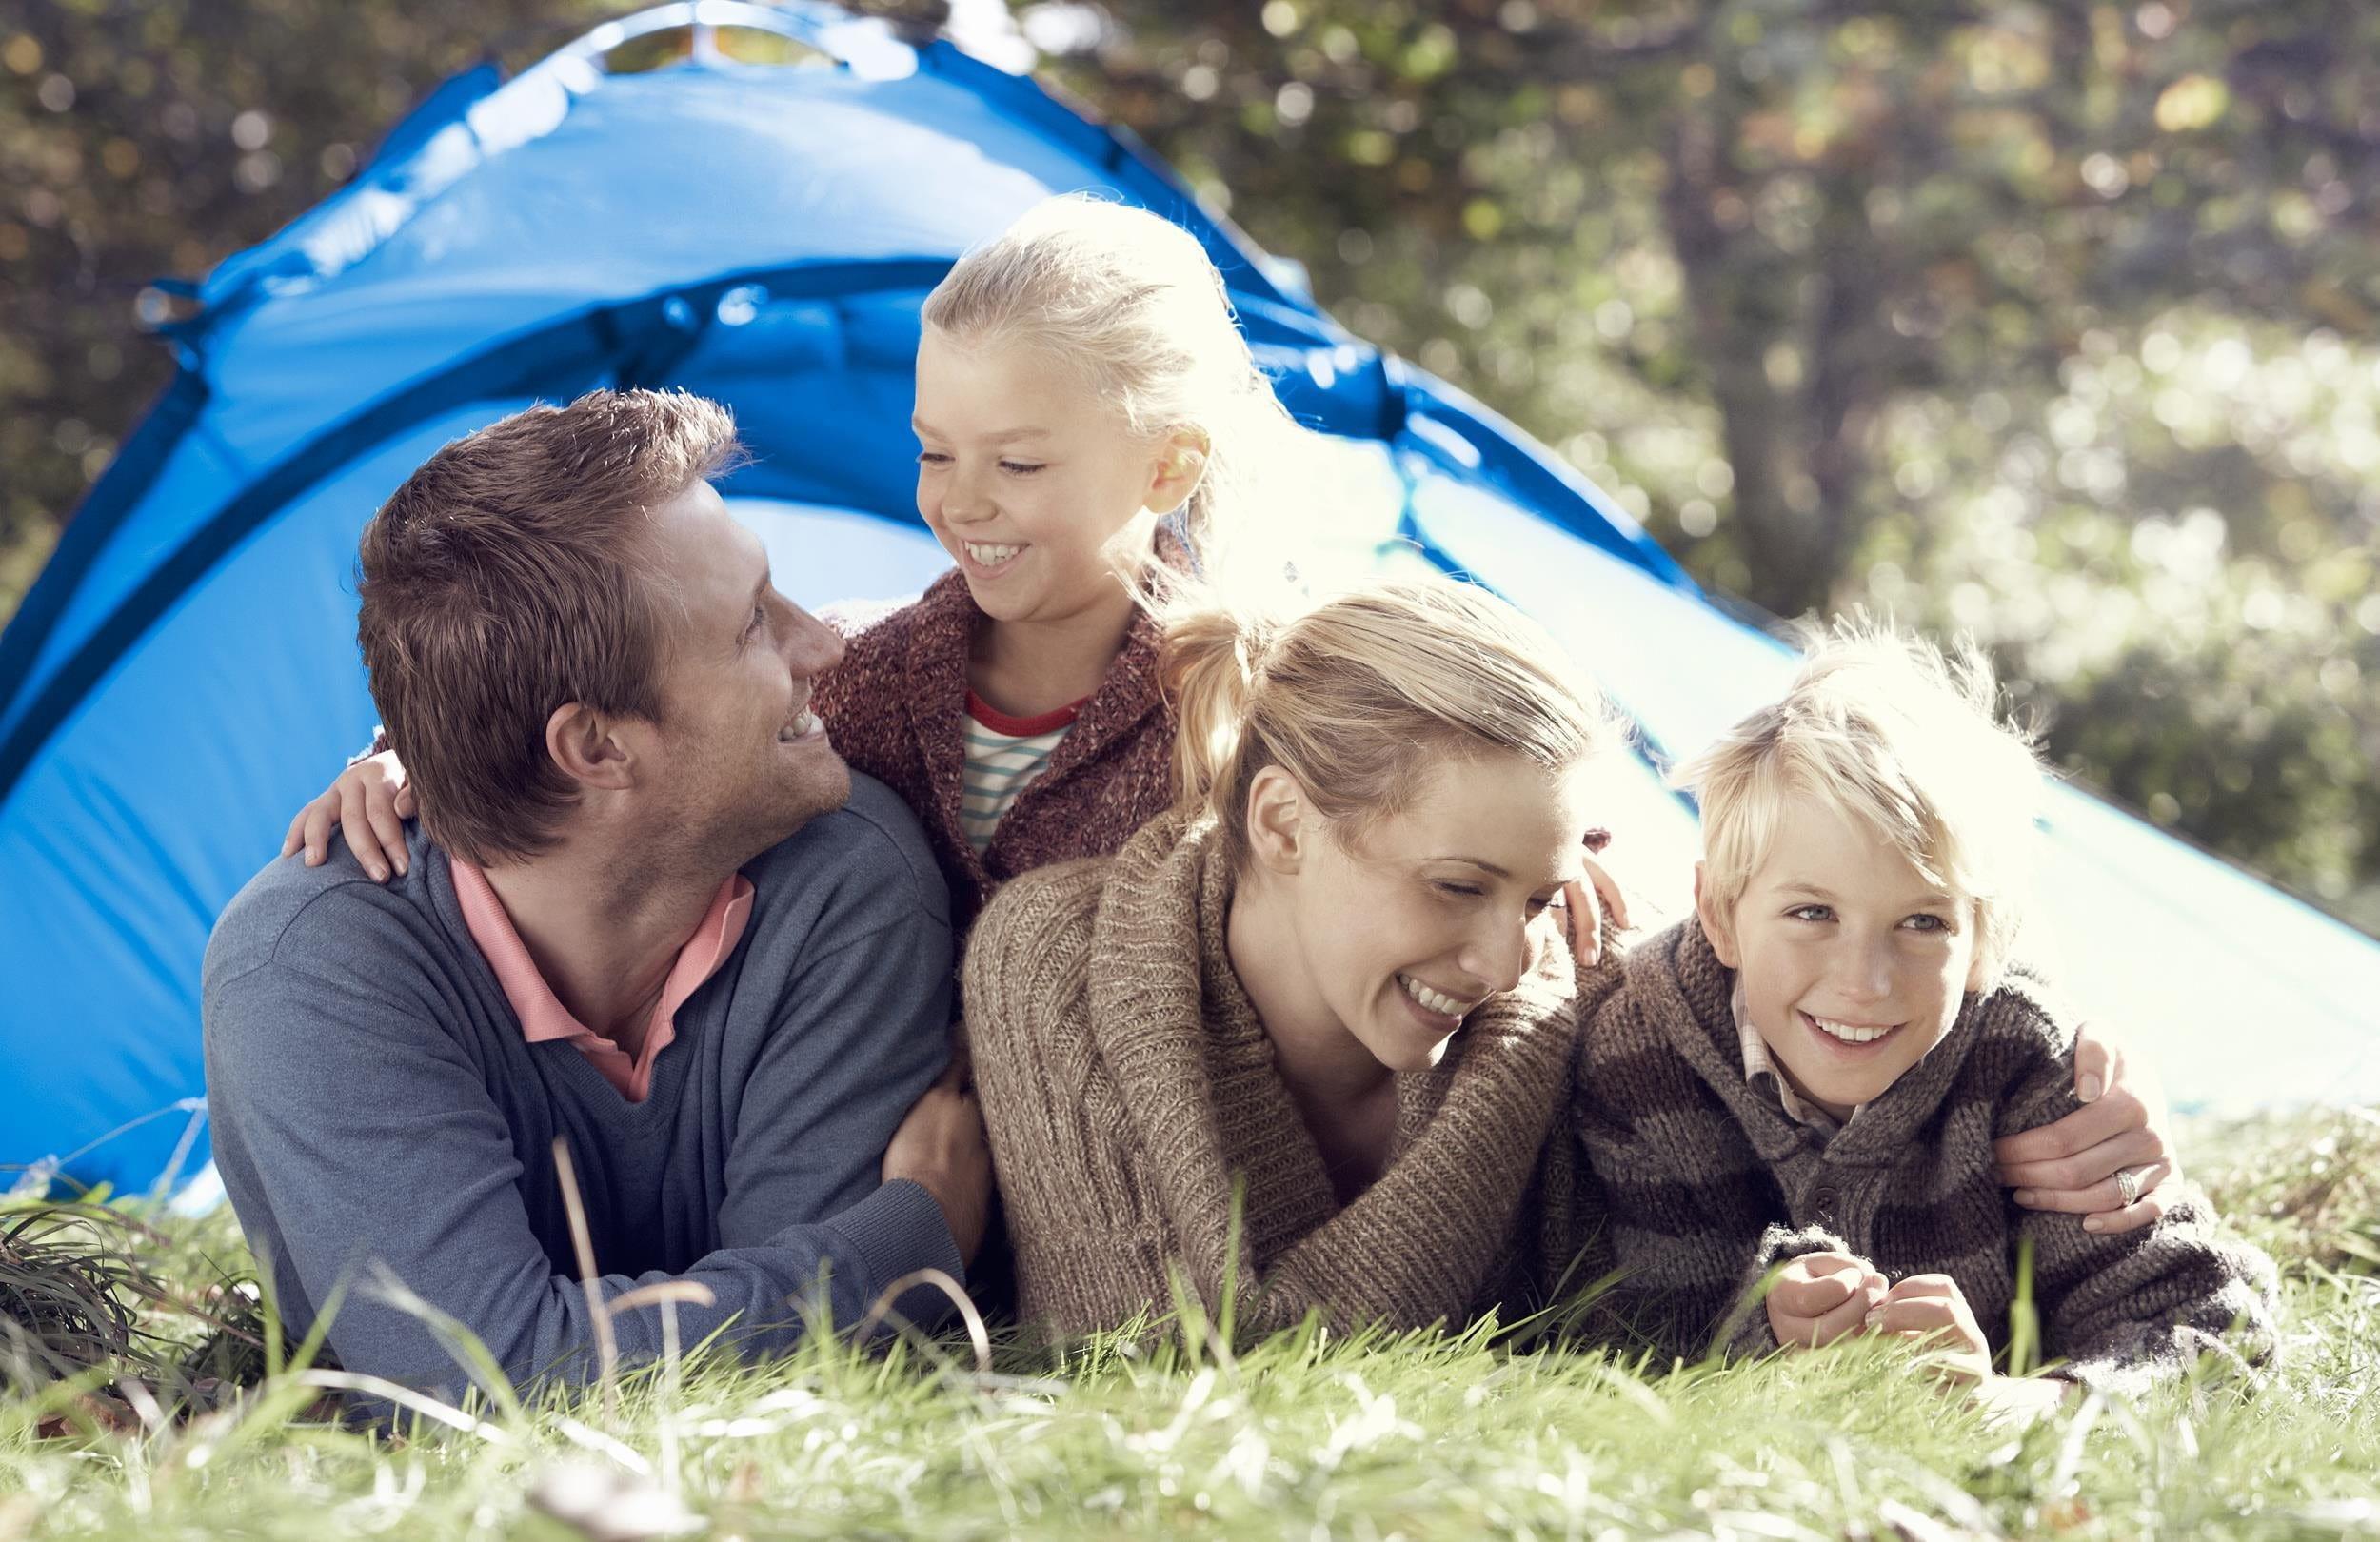 La famiglia è di fronte a una tenda